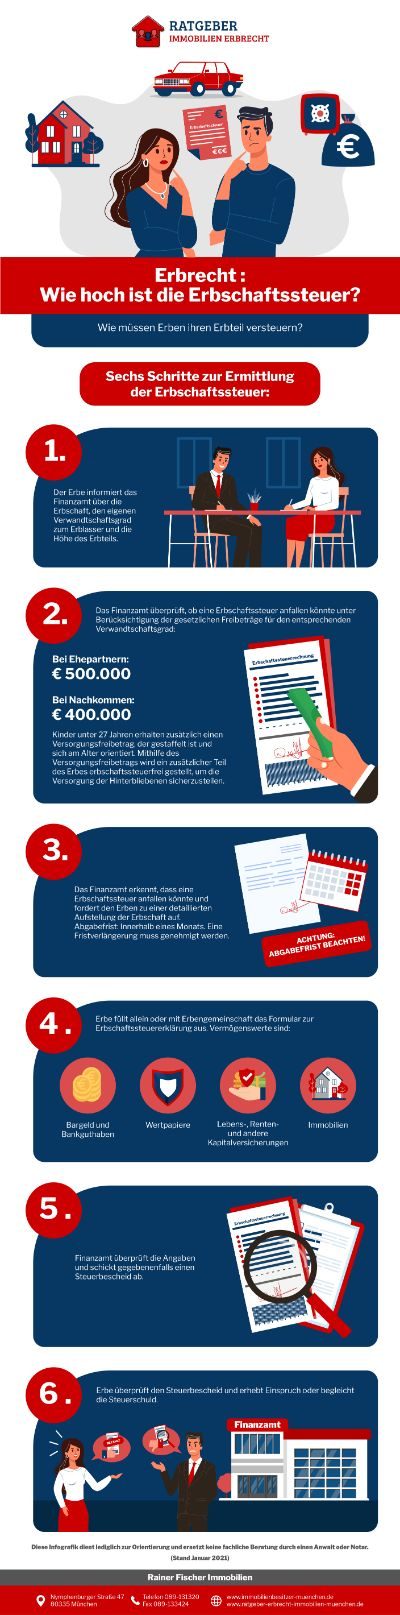 Ratgeber Erbrecht Infografik - Erbrecht: Wie Hoch Ist Die Erbschaftssteuer?